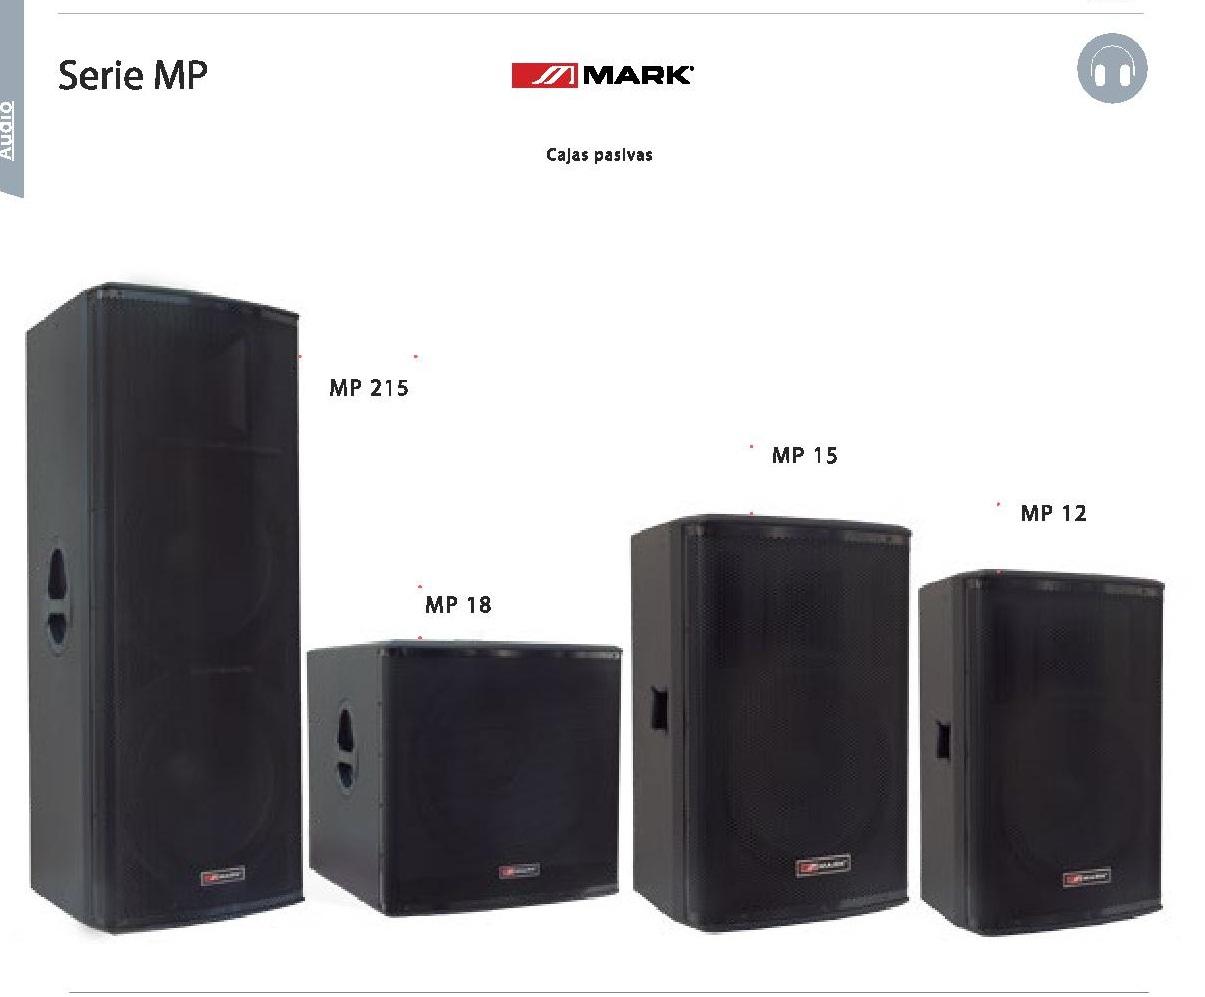 serie mp mark